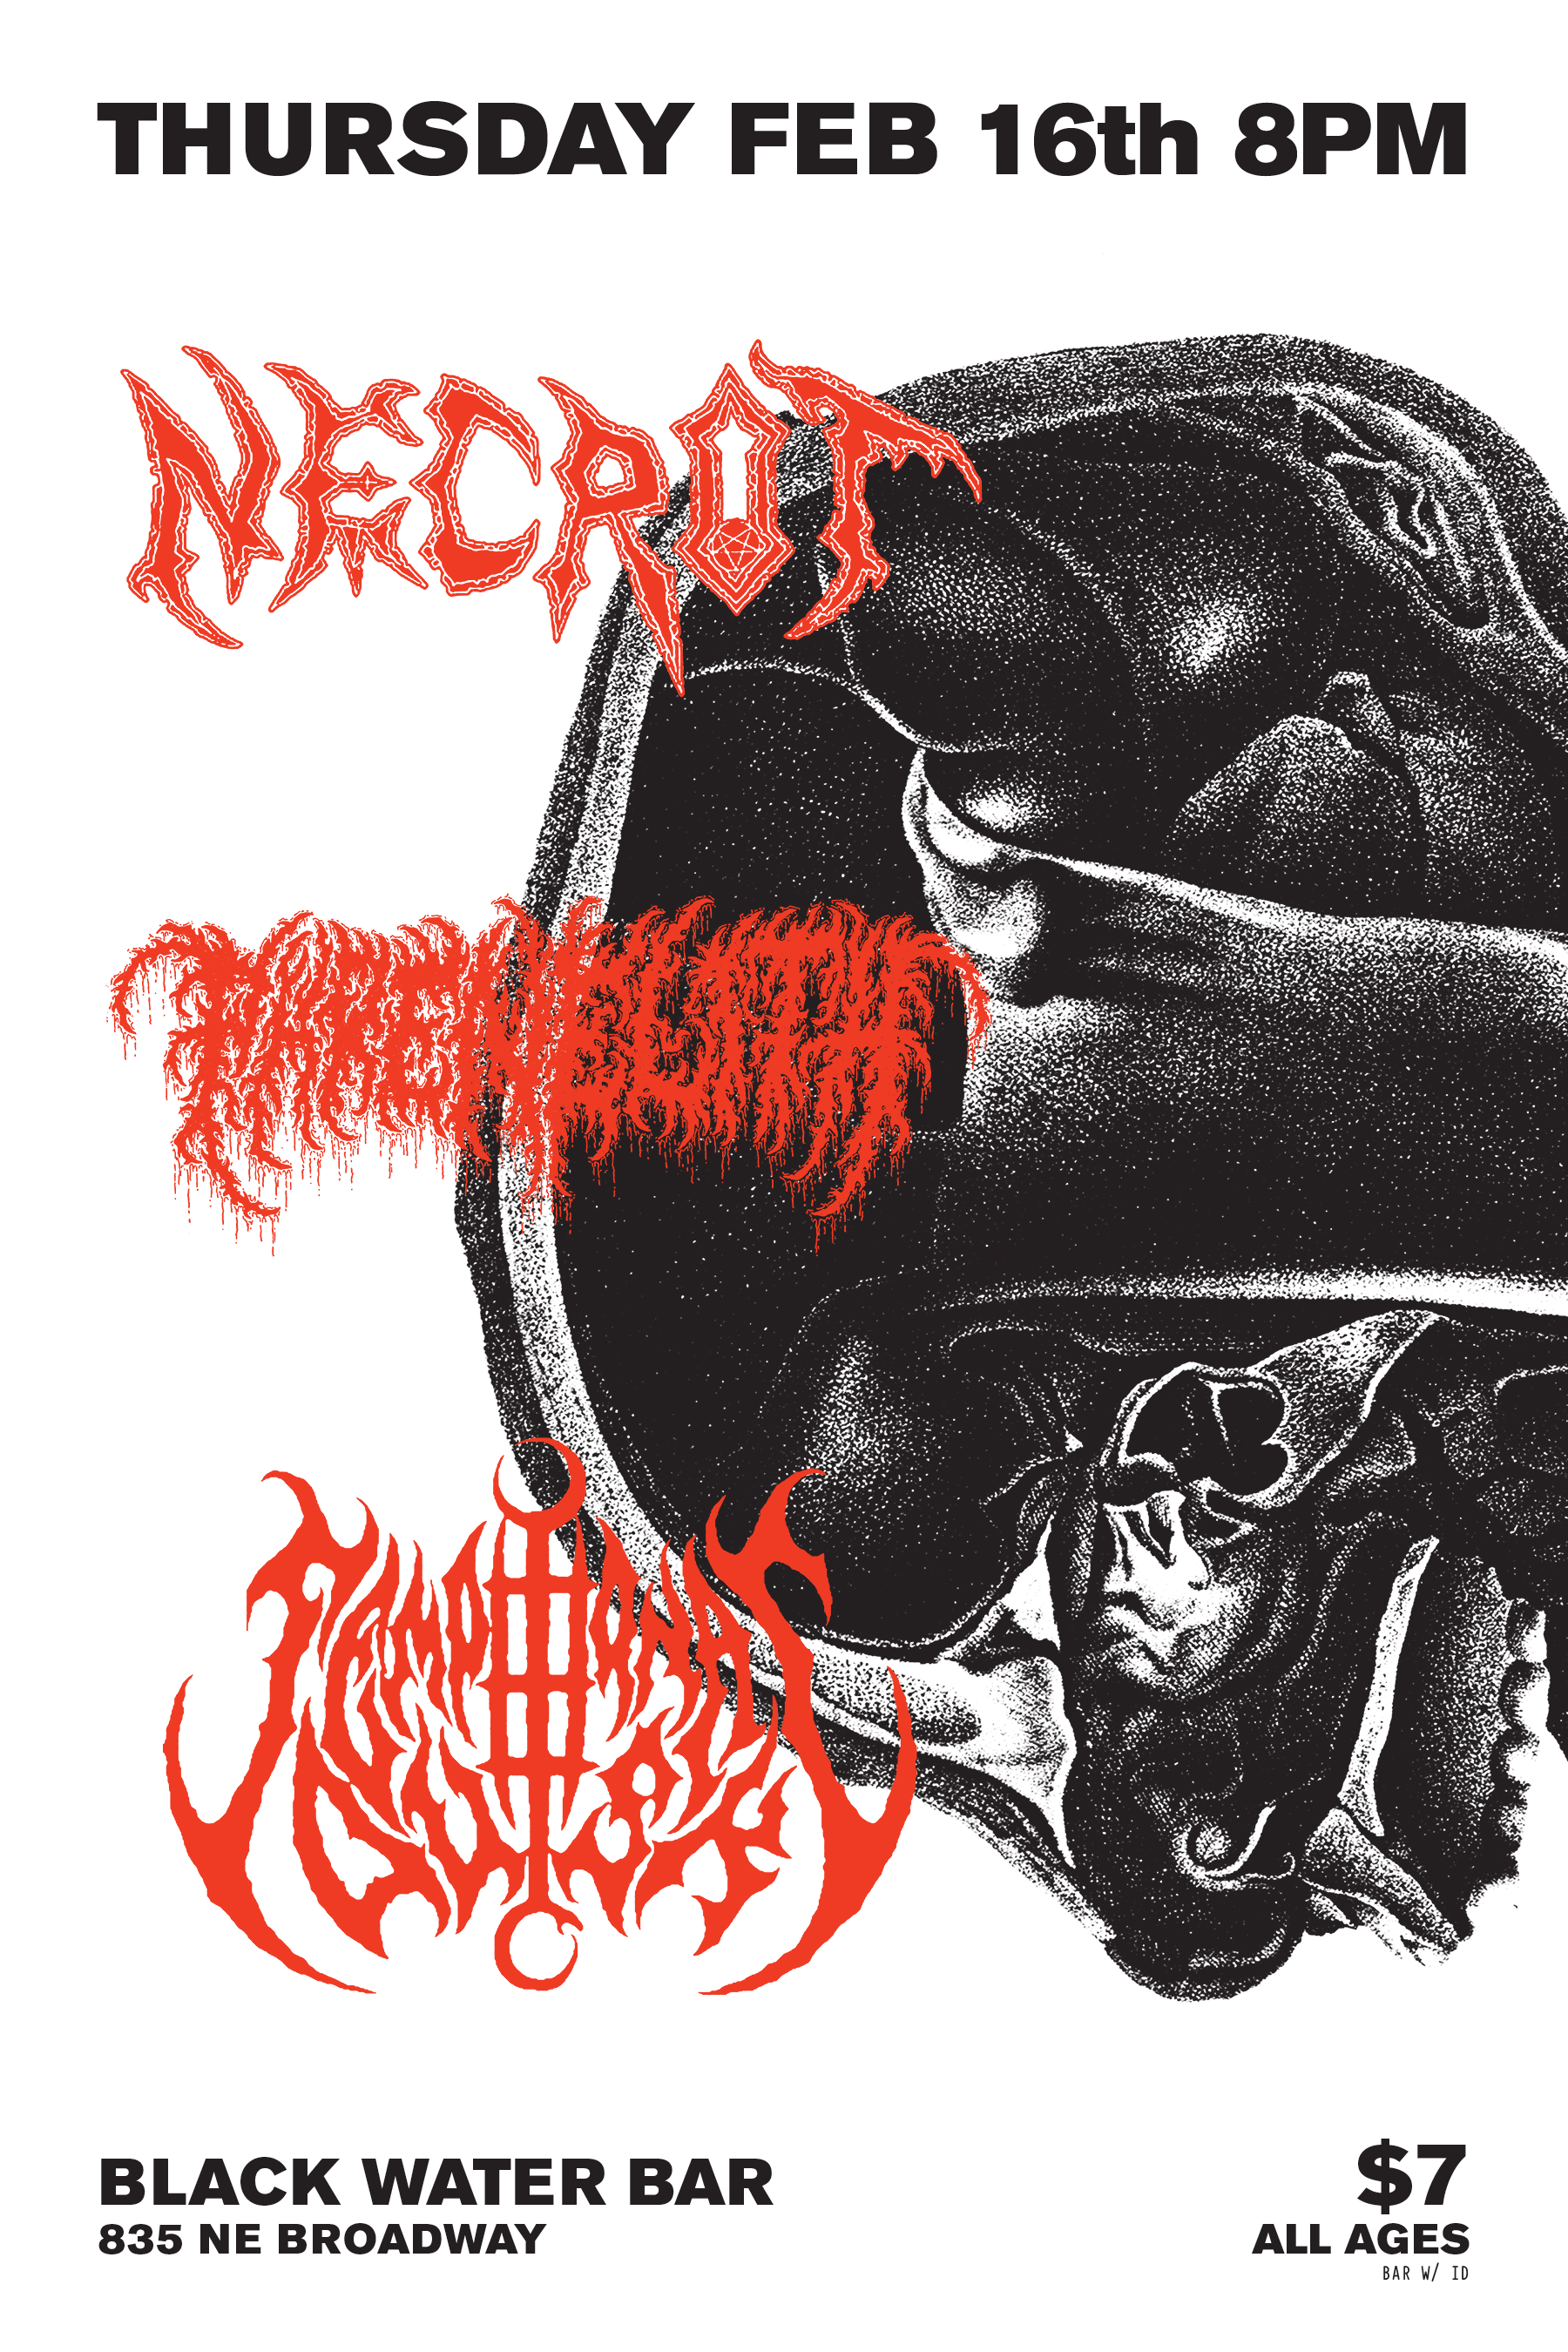 Necrot / Phrenelith Poster